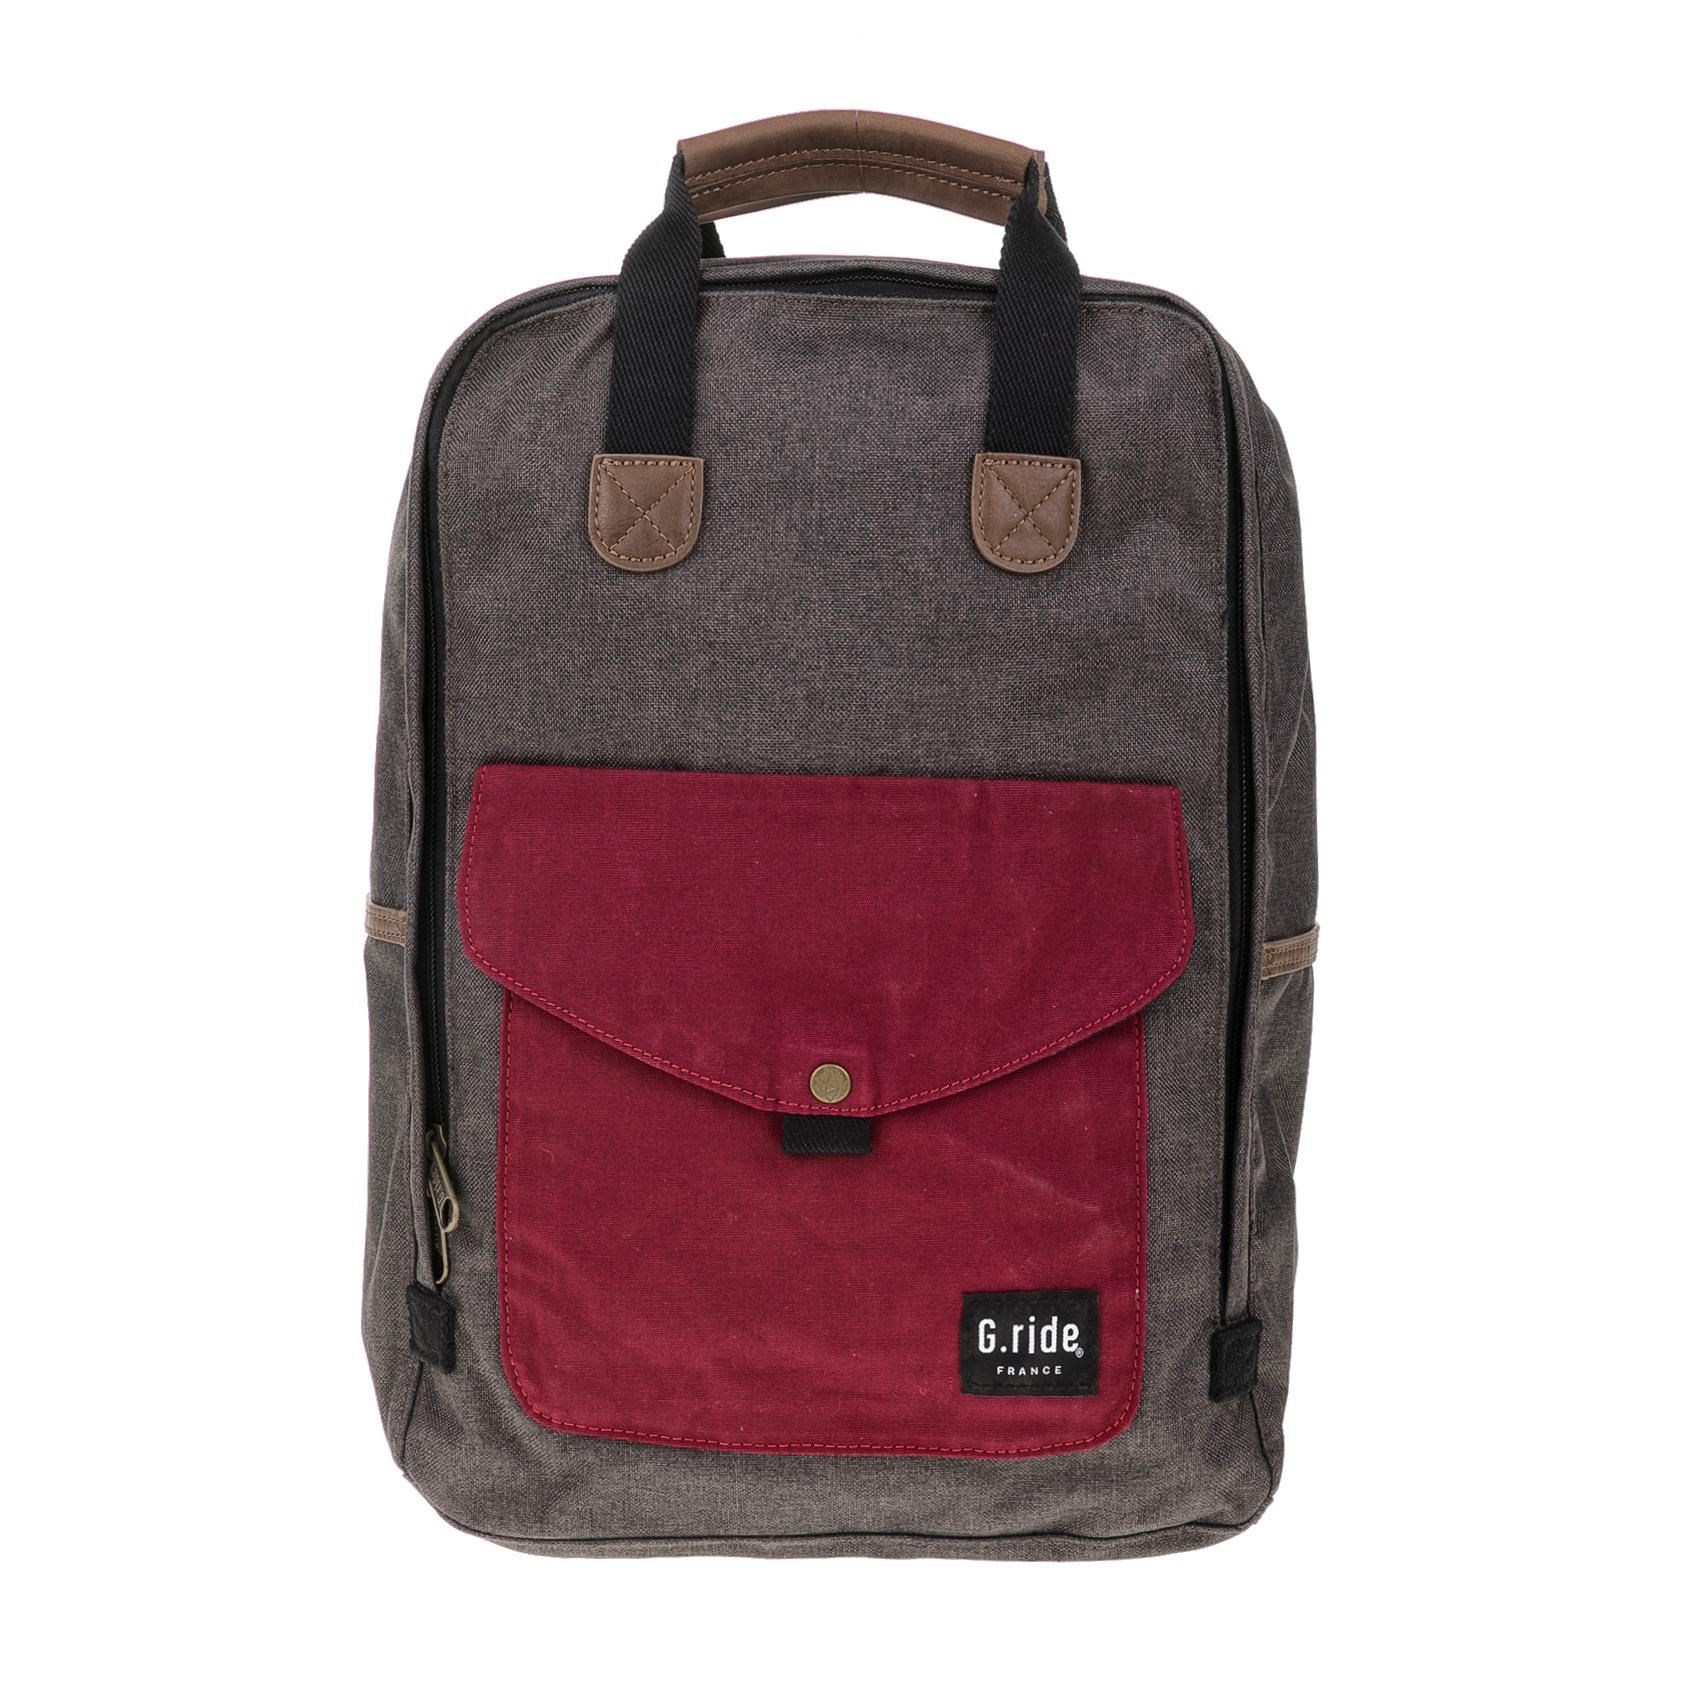 e4296c2af1 Γυναικεία   Αξεσουάρ   Τσάντες   Πλάτης   XBR Laptop Backpack 15.6 ...